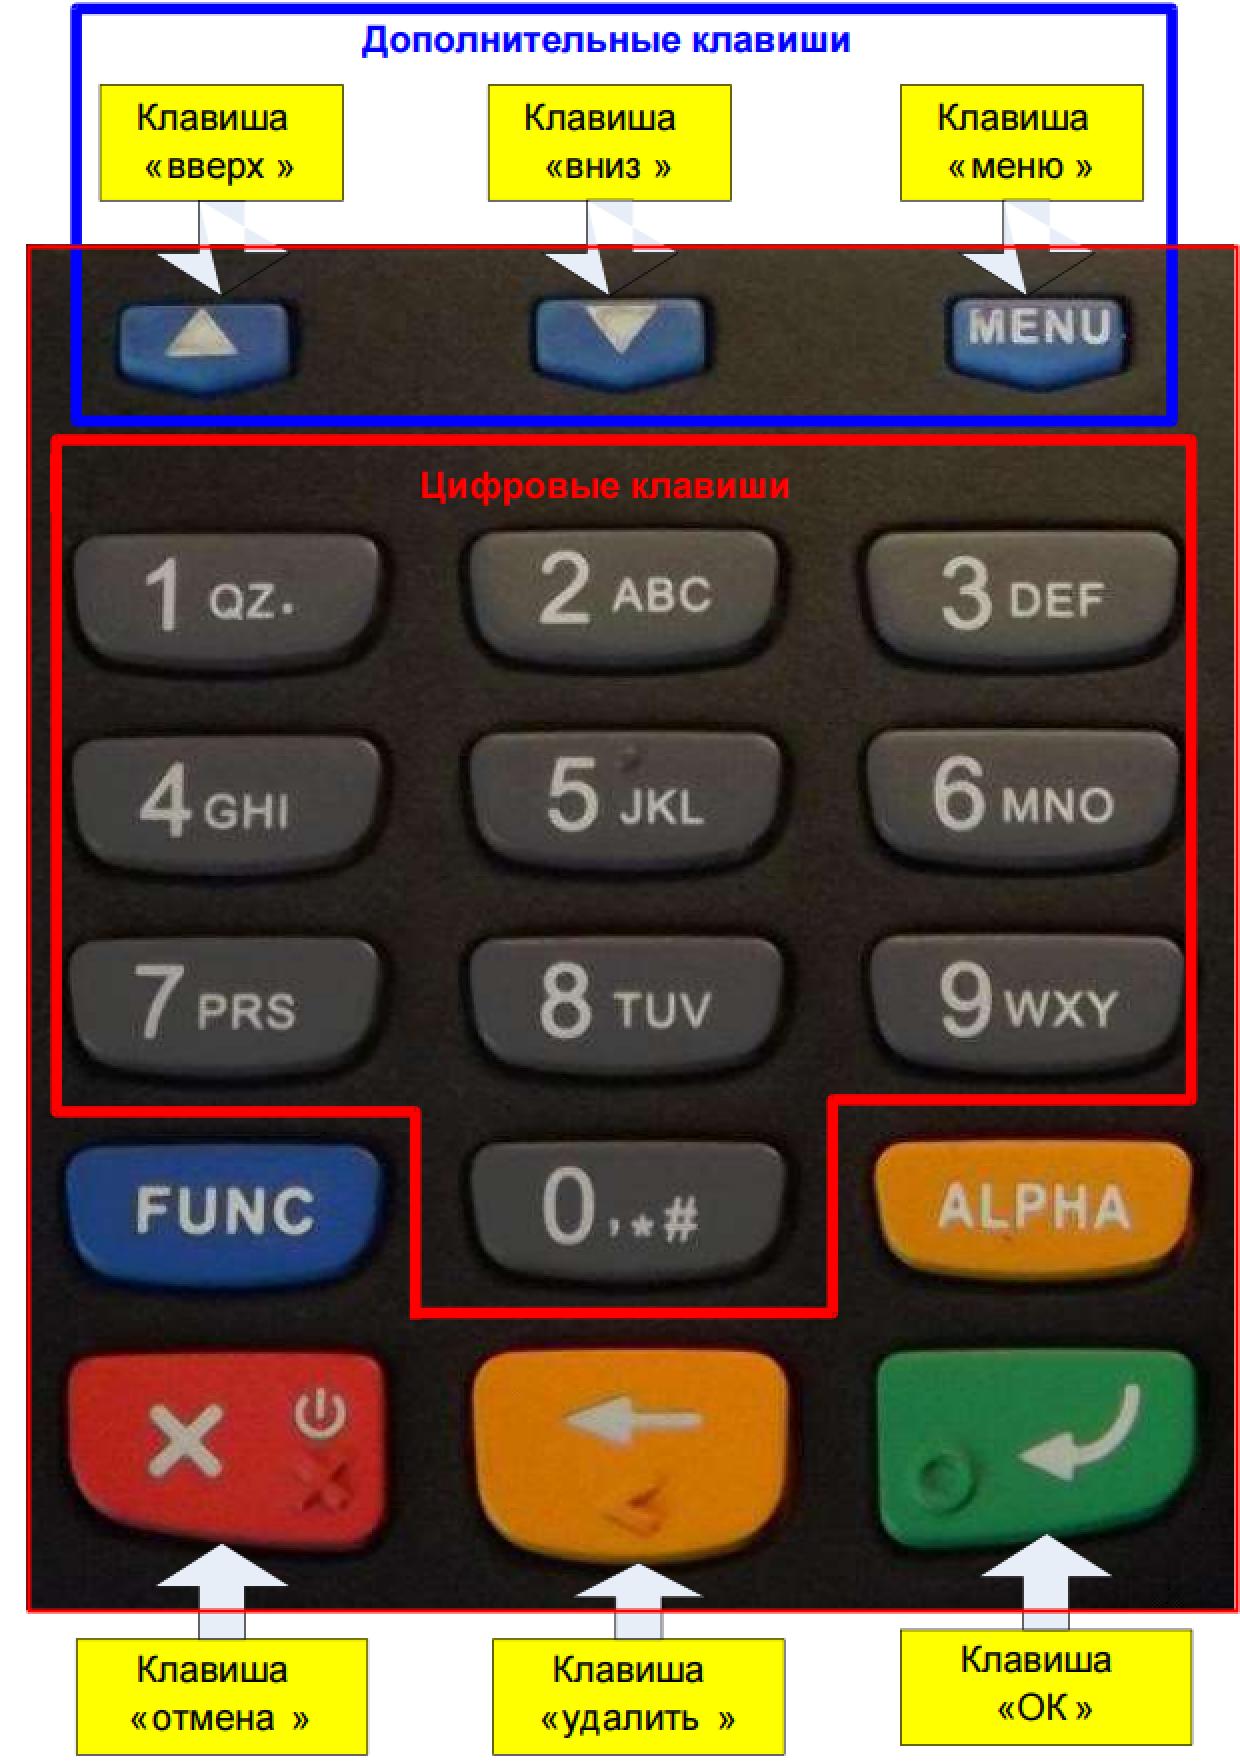 Описание клавиш IRAS 900K